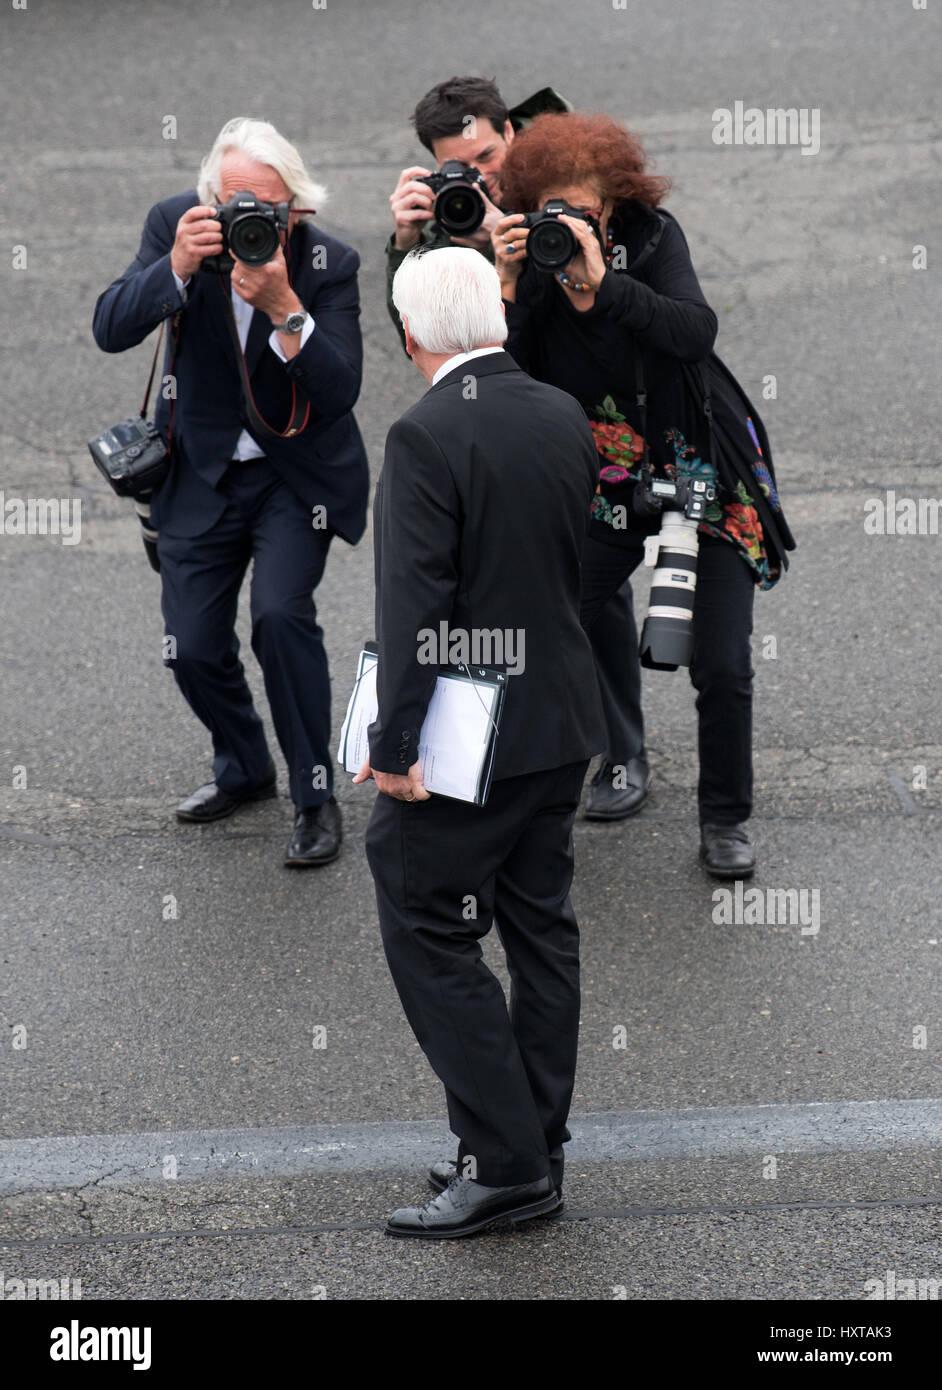 Berlin, Allemagne. 30Th Mar, 2017. Le Président allemand, Frank-Walter Steinmeier, monte dans un avion pour Paris fournis par l'armée allemande dans la section militaire de l'aéroport de Tegel, à Berlin, Allemagne, 30 mars 2017. Le nouveau président allemand fait sa première visite à l'office de tourisme de France. Photo: Bernd von Jutrczenka/dpa/Alamy Live News Banque D'Images